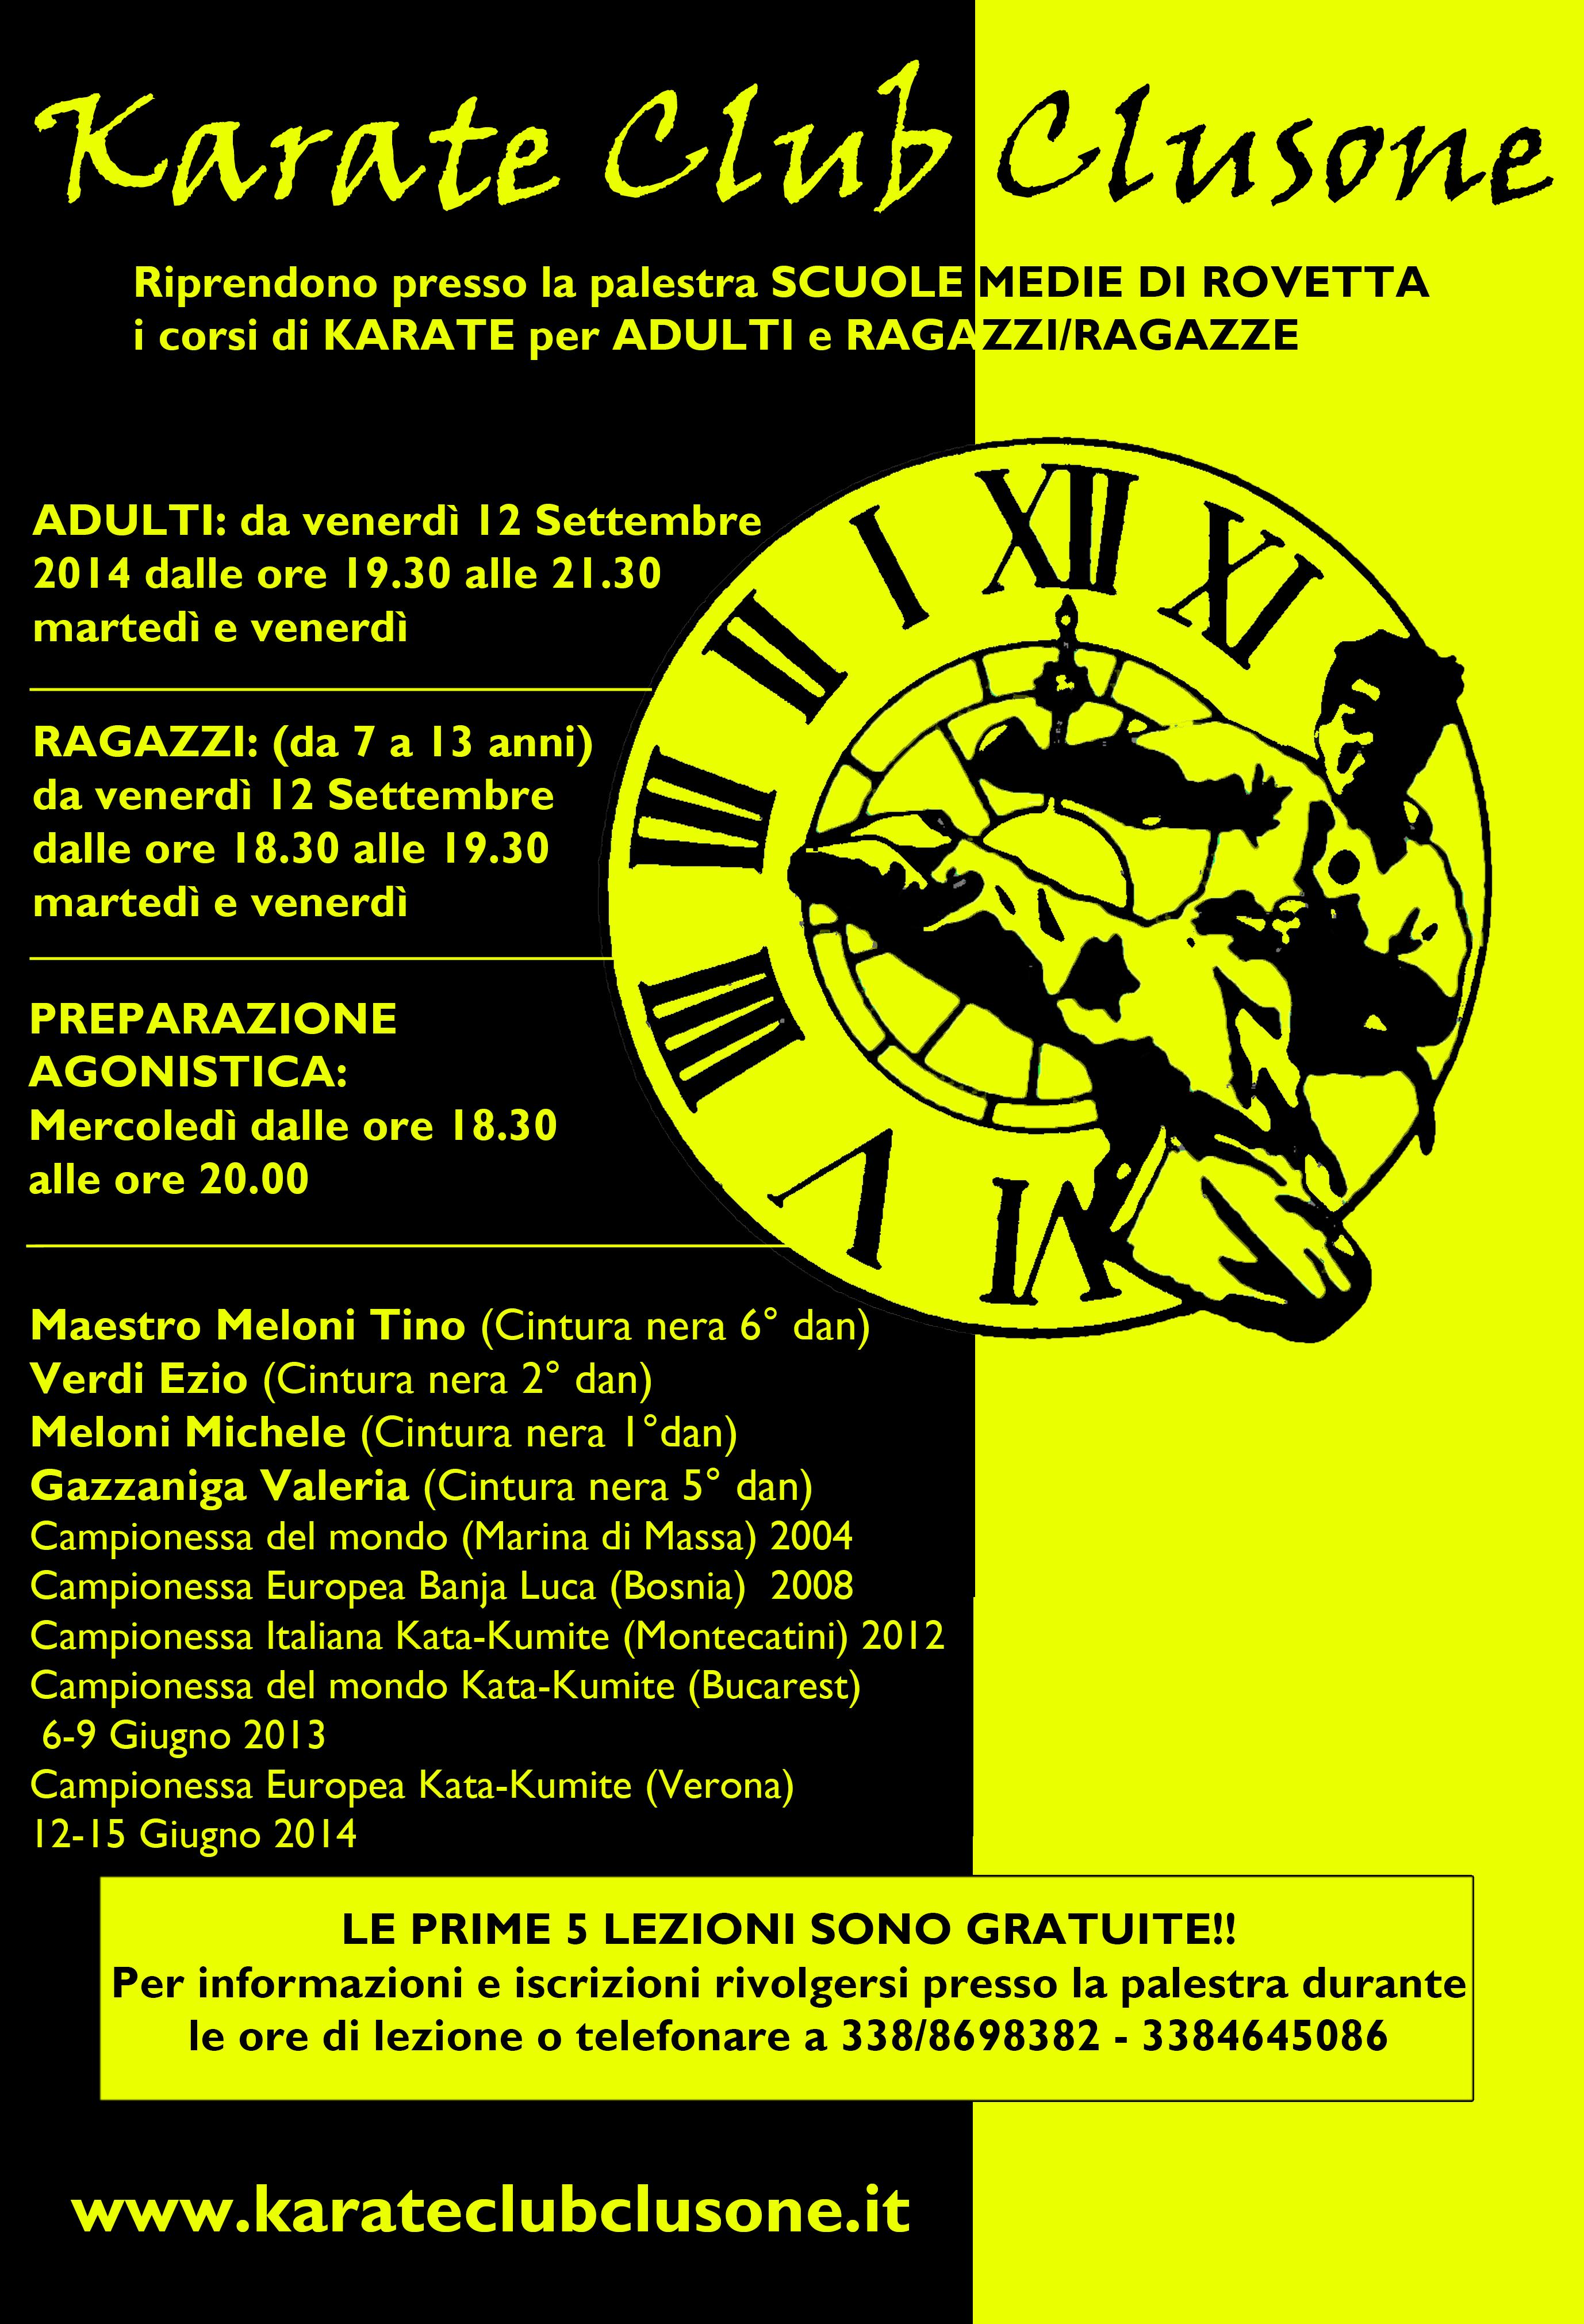 Locandina 2014 Karate Club Clusone